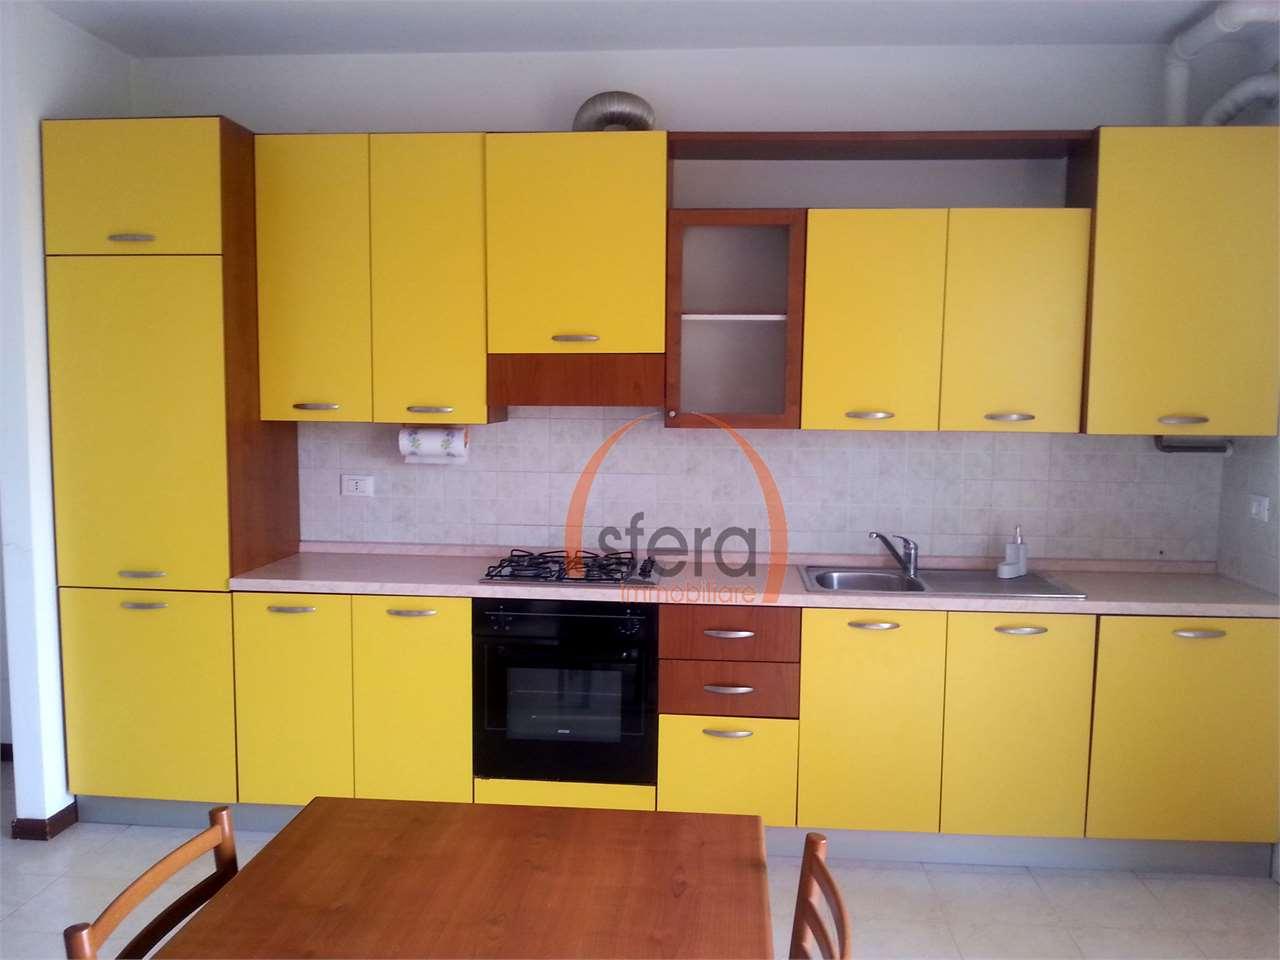 Appartamento in affitto a San Giorgio di Mantova, 2 locali, zona Zona: Tripoli, prezzo € 450 | Cambio Casa.it